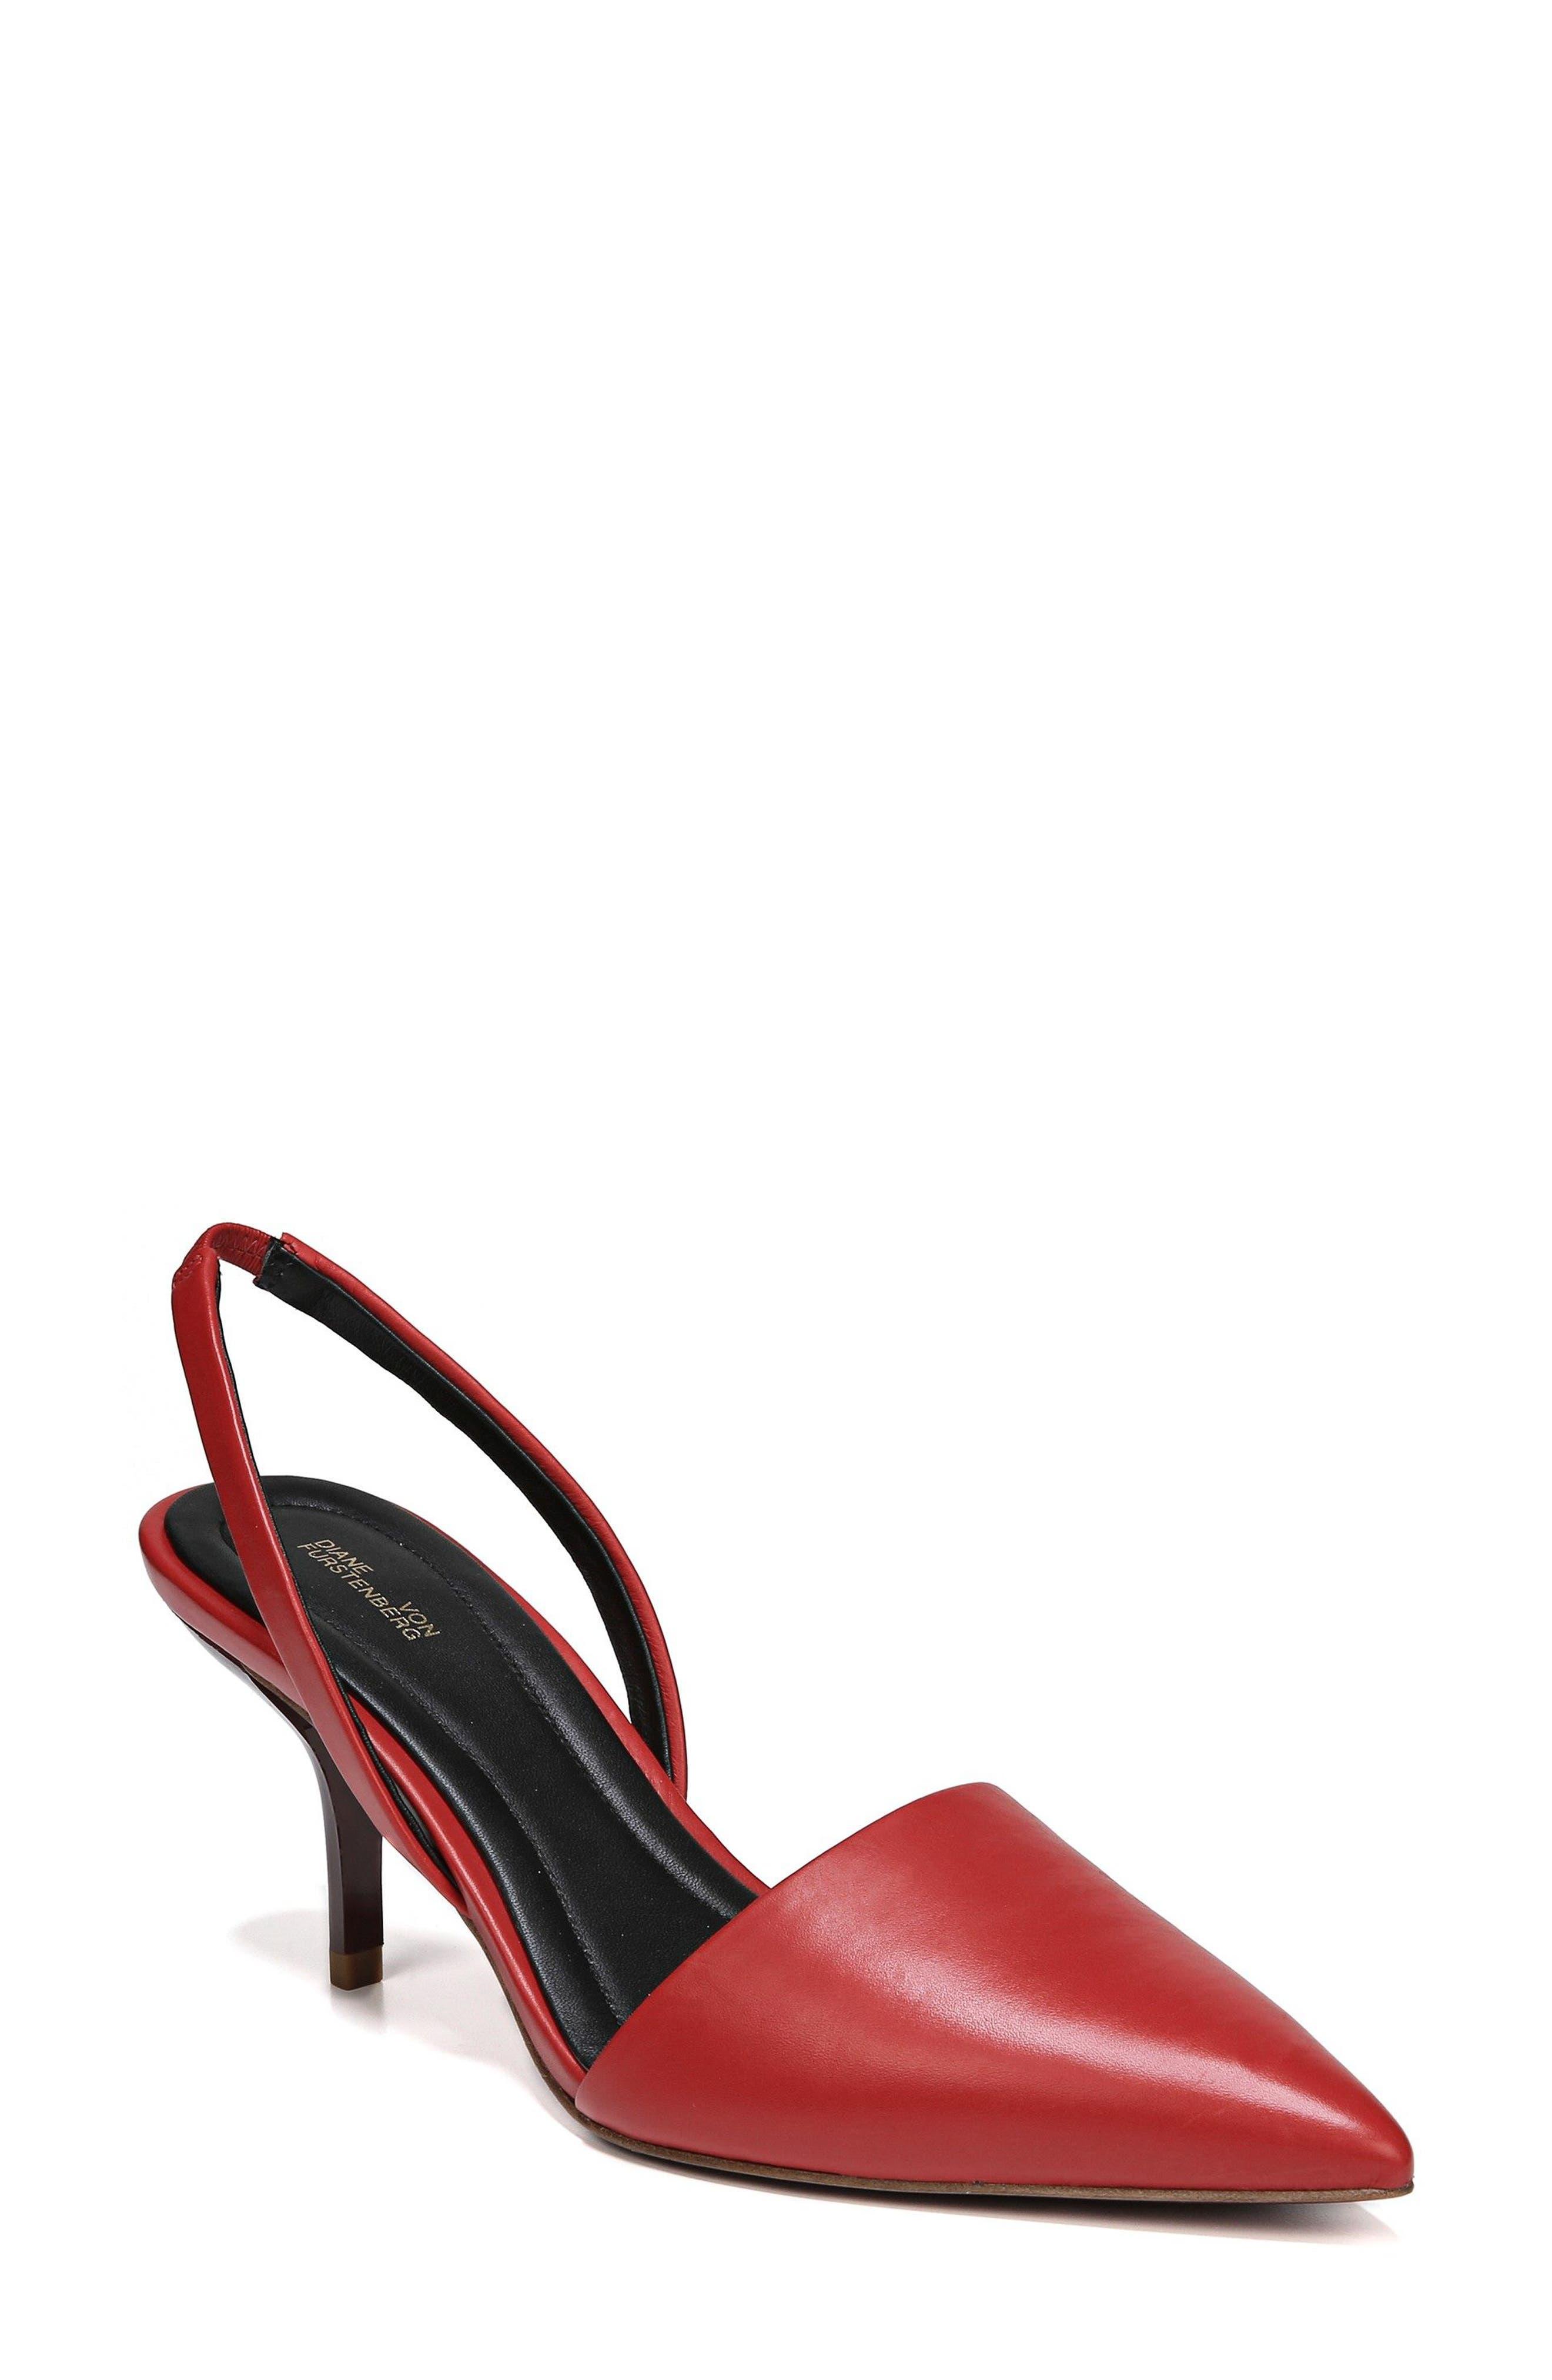 Diane Von Furstenberg Woman Sequinned Leather Slip-on Sneakers Silver Size 7.5 Diane Von F fZEa0W9vzQ